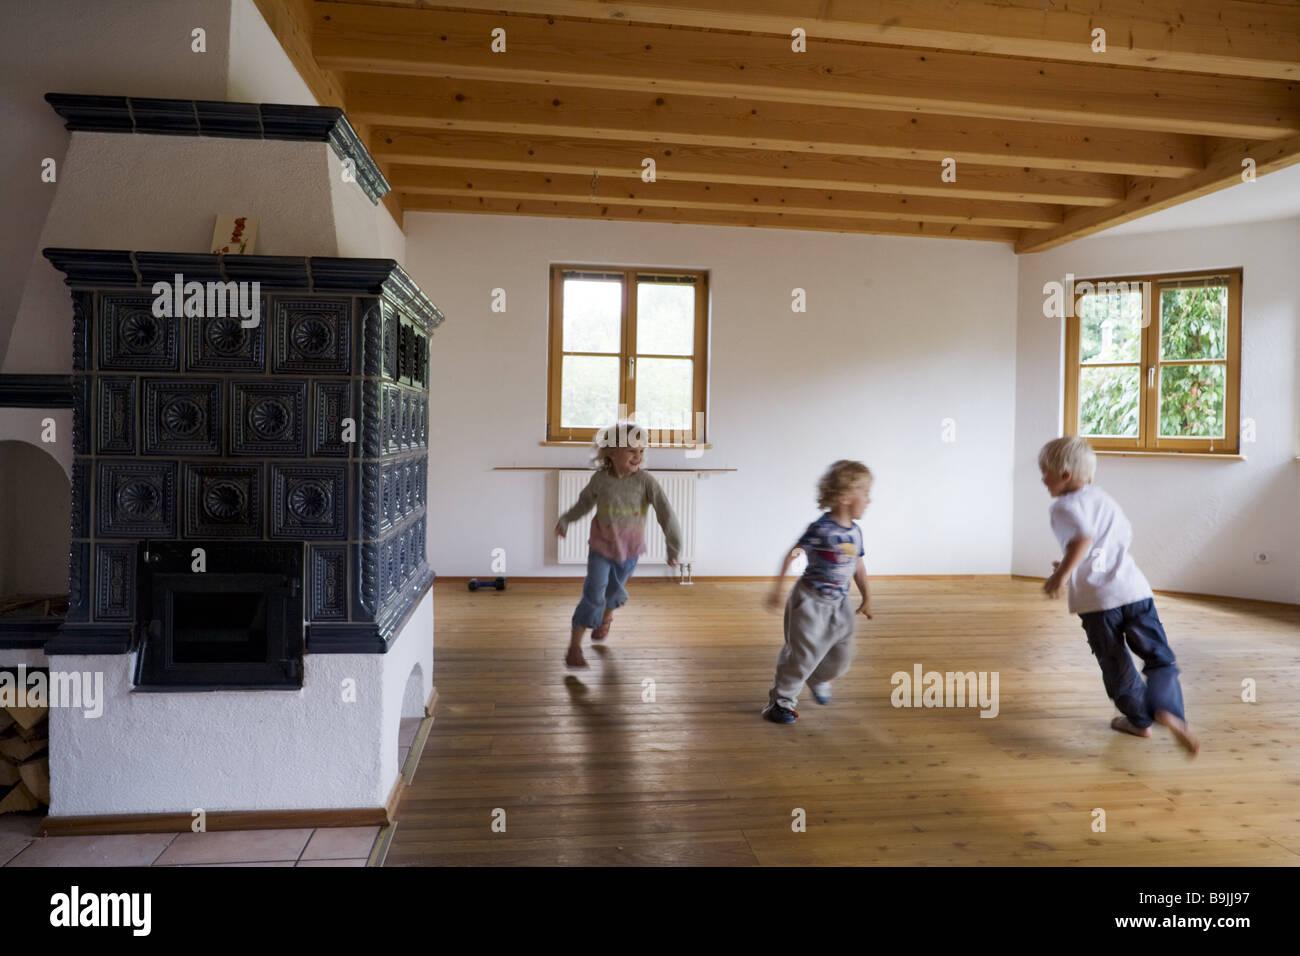 Wohnzimmer Leer Kachelofen Kinder Spielen Laufende Wiederaufbau